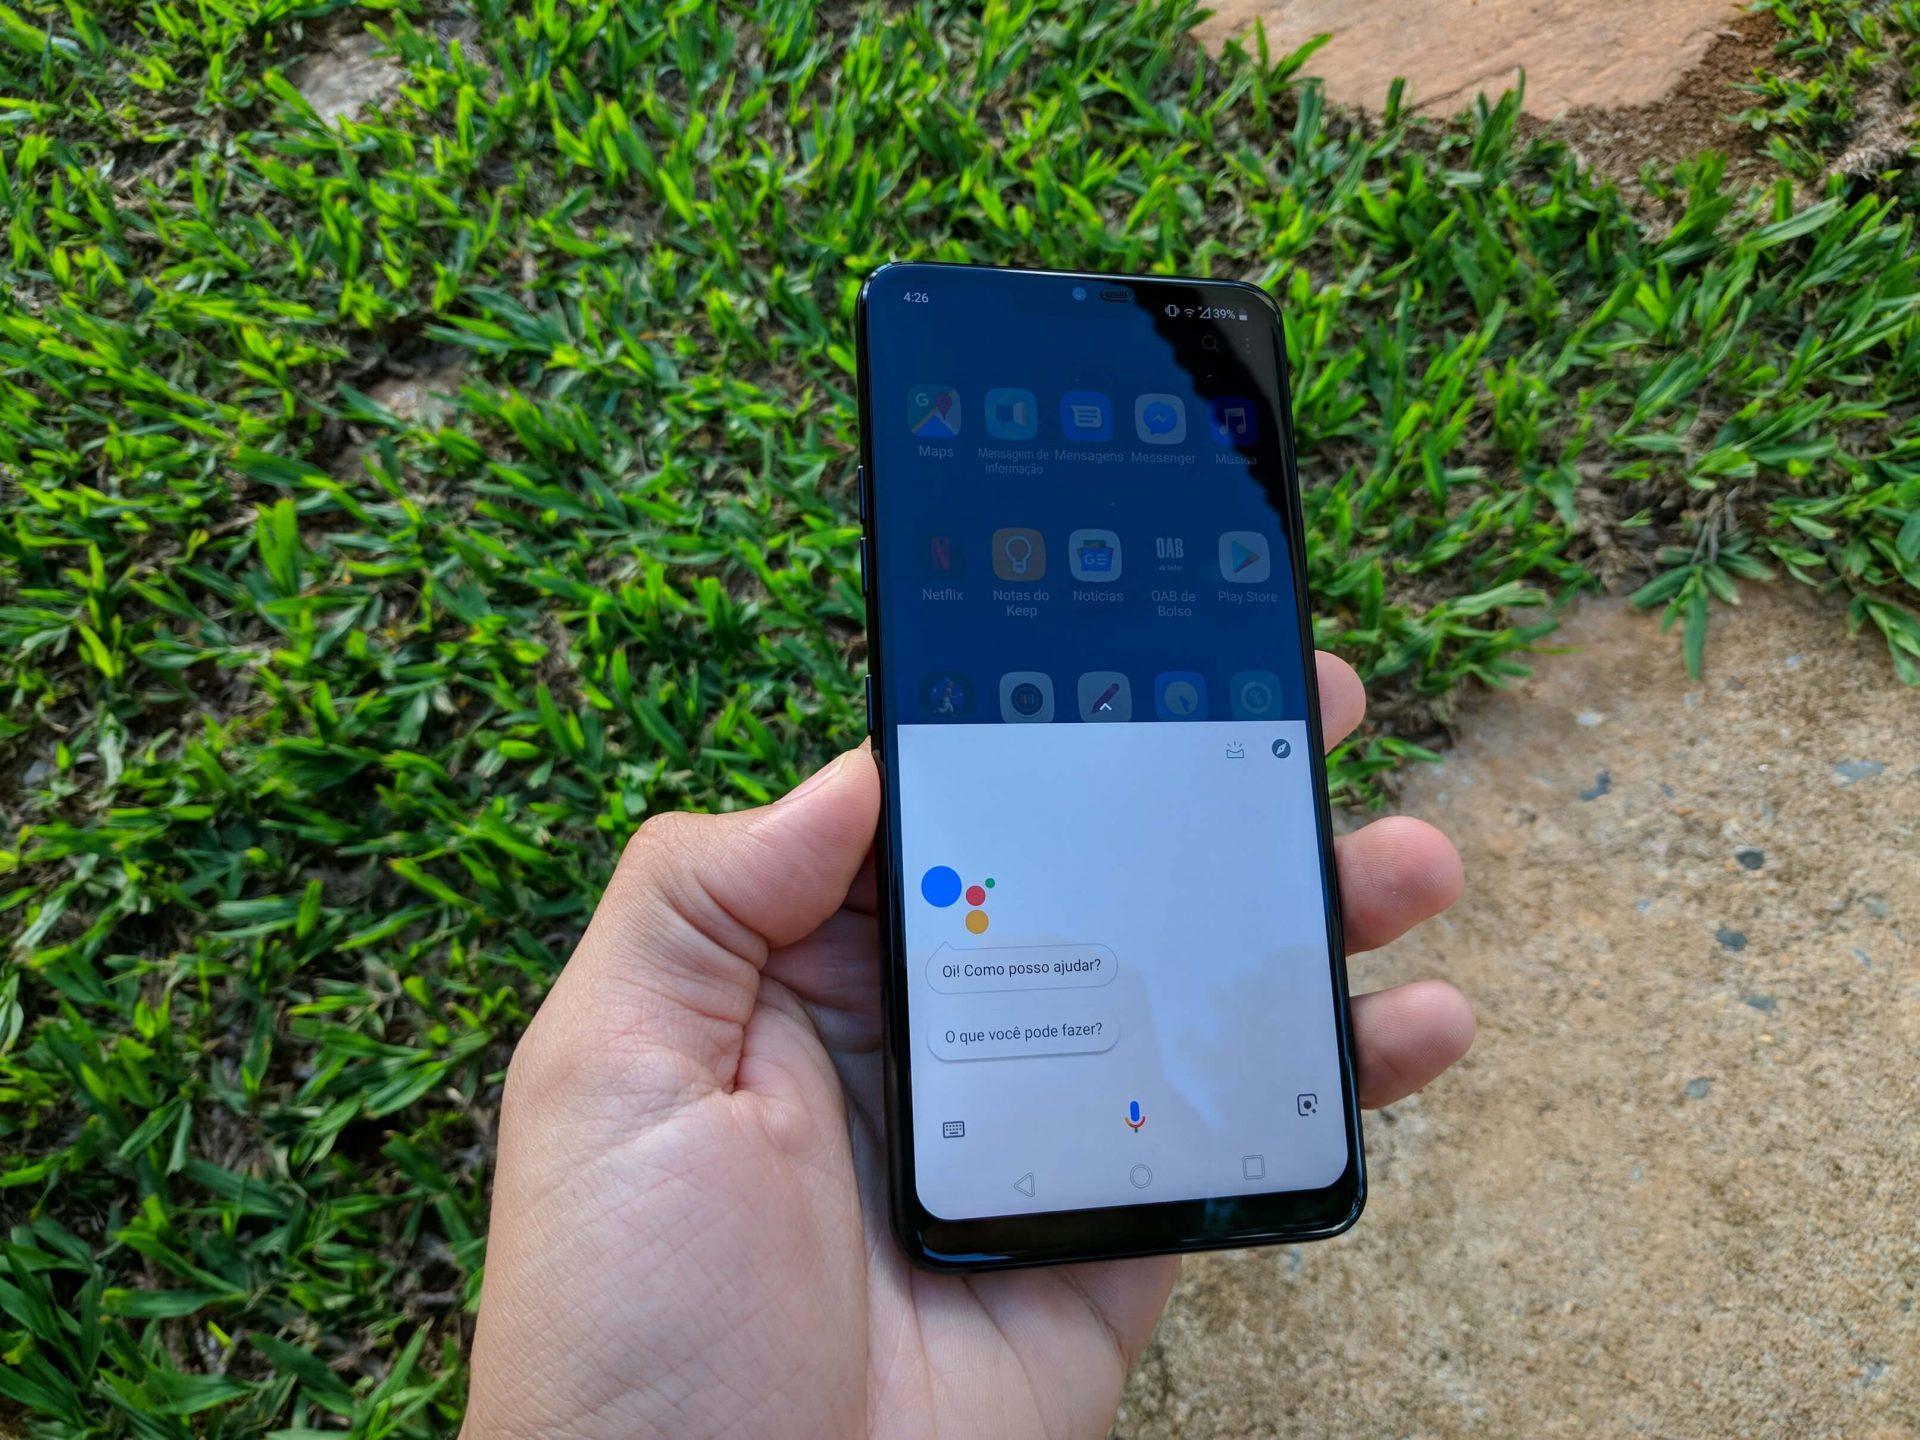 IMG 20181111 172637 - REVIEW: LG G7 ThinQ, um smartphone racional e de ótimo custo-benefício